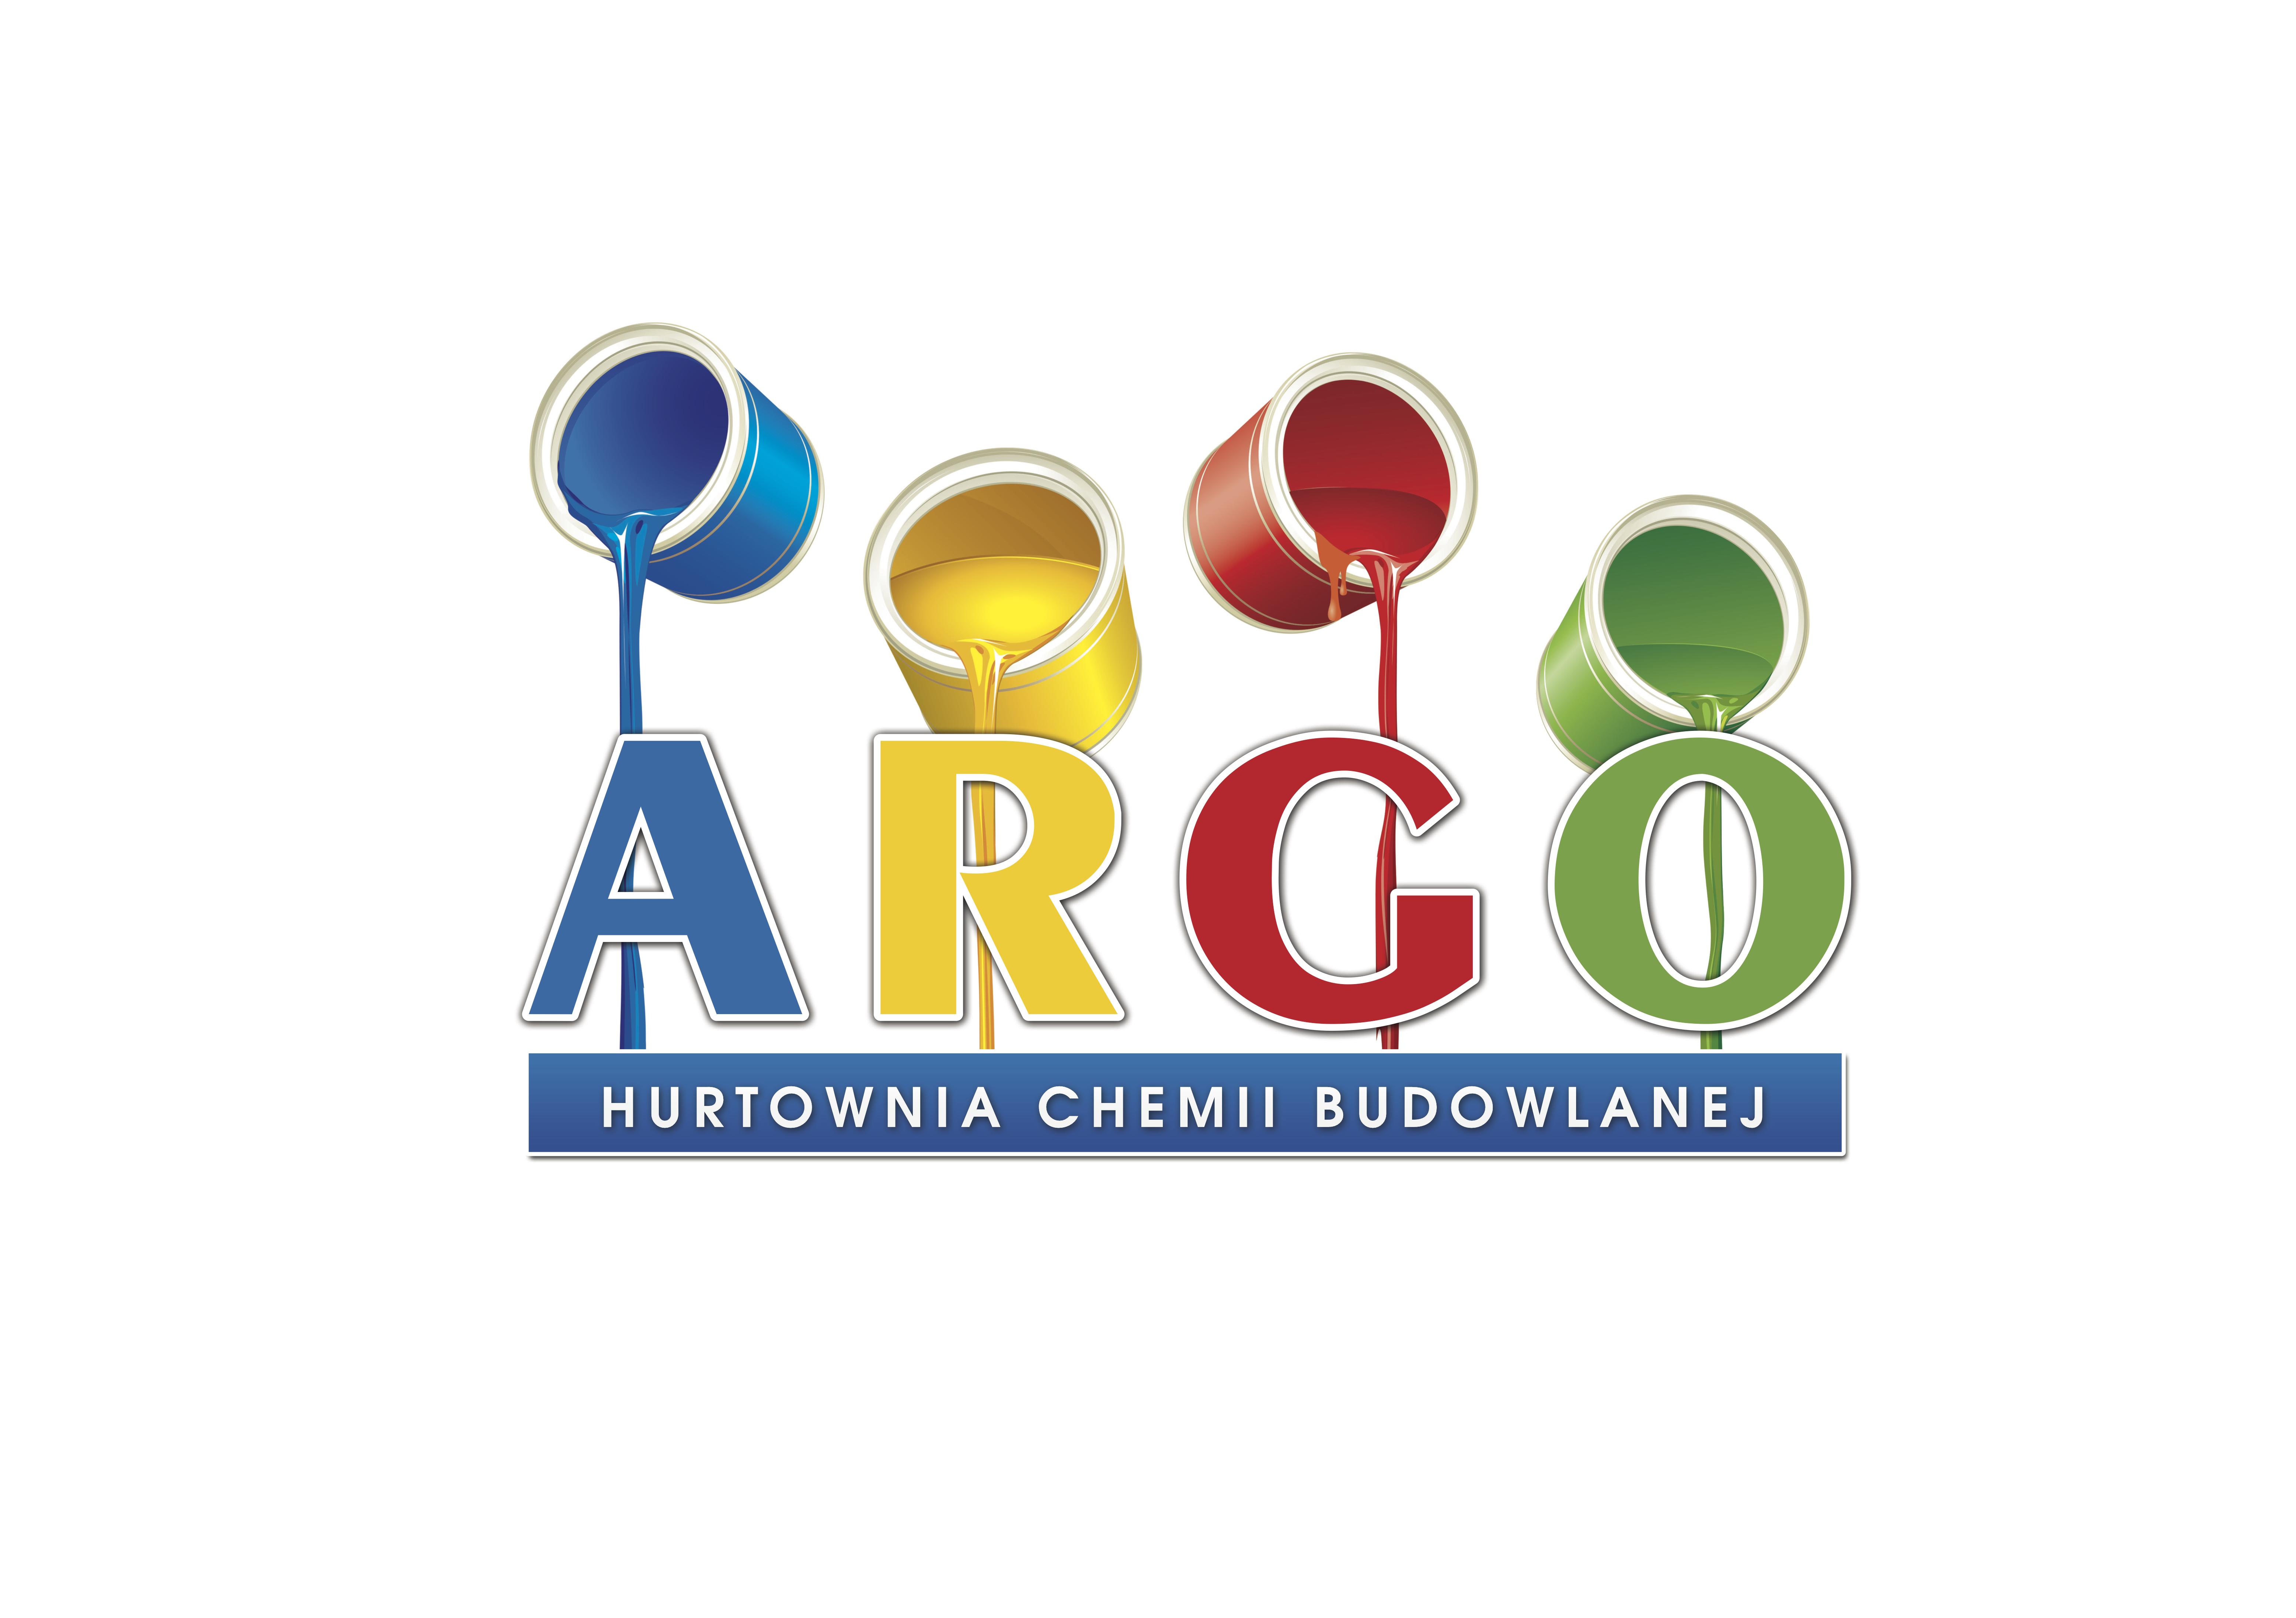 ARGO-Hurtownia chemii budowlanej - adres, telefon, www | Sklepy Otwock  Otwock